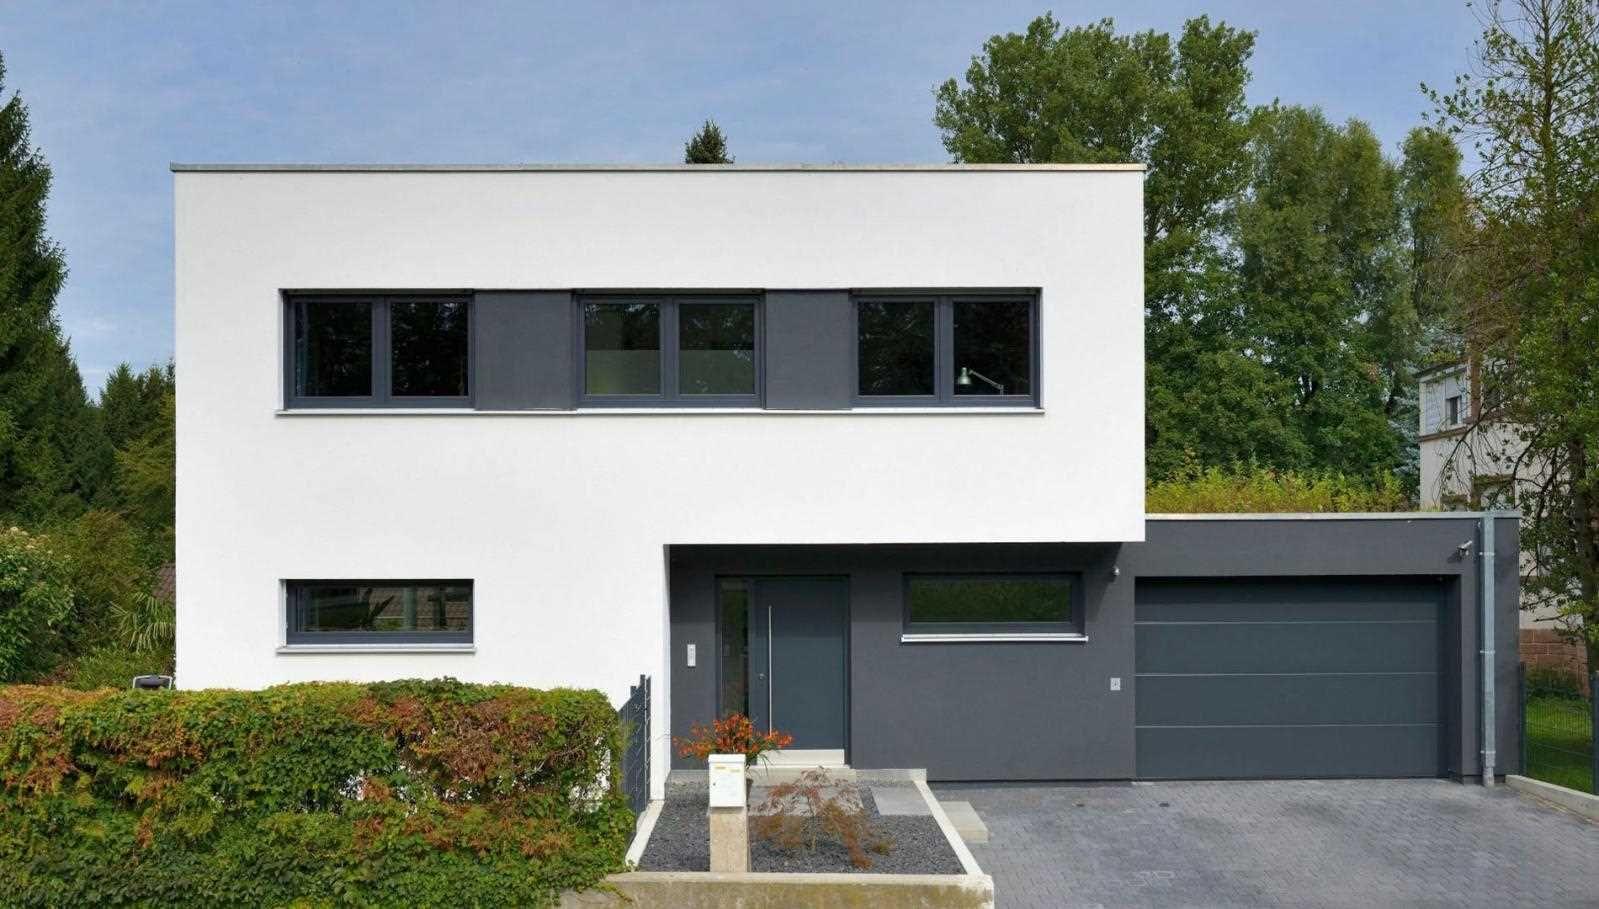 Außen Bauhaus, innen Mehrgenerationenhaus | Haus Hirsch | Fertighaus ...